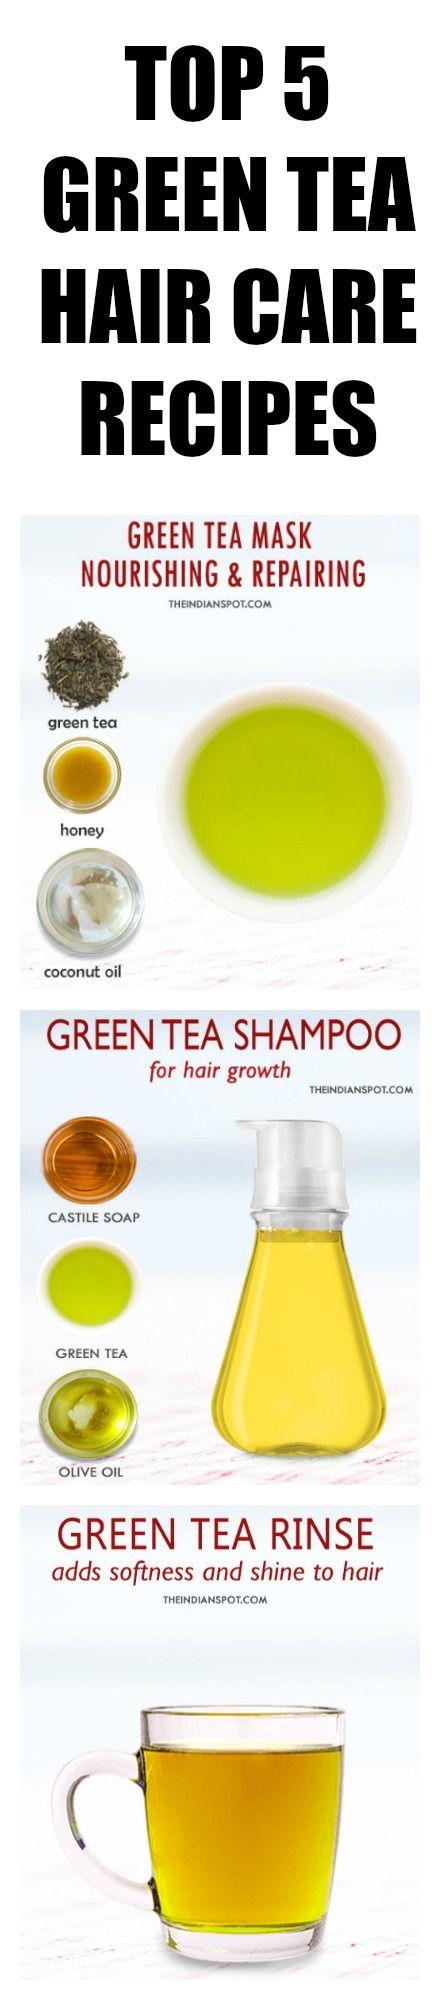 Hair Remedies Using Green Tea